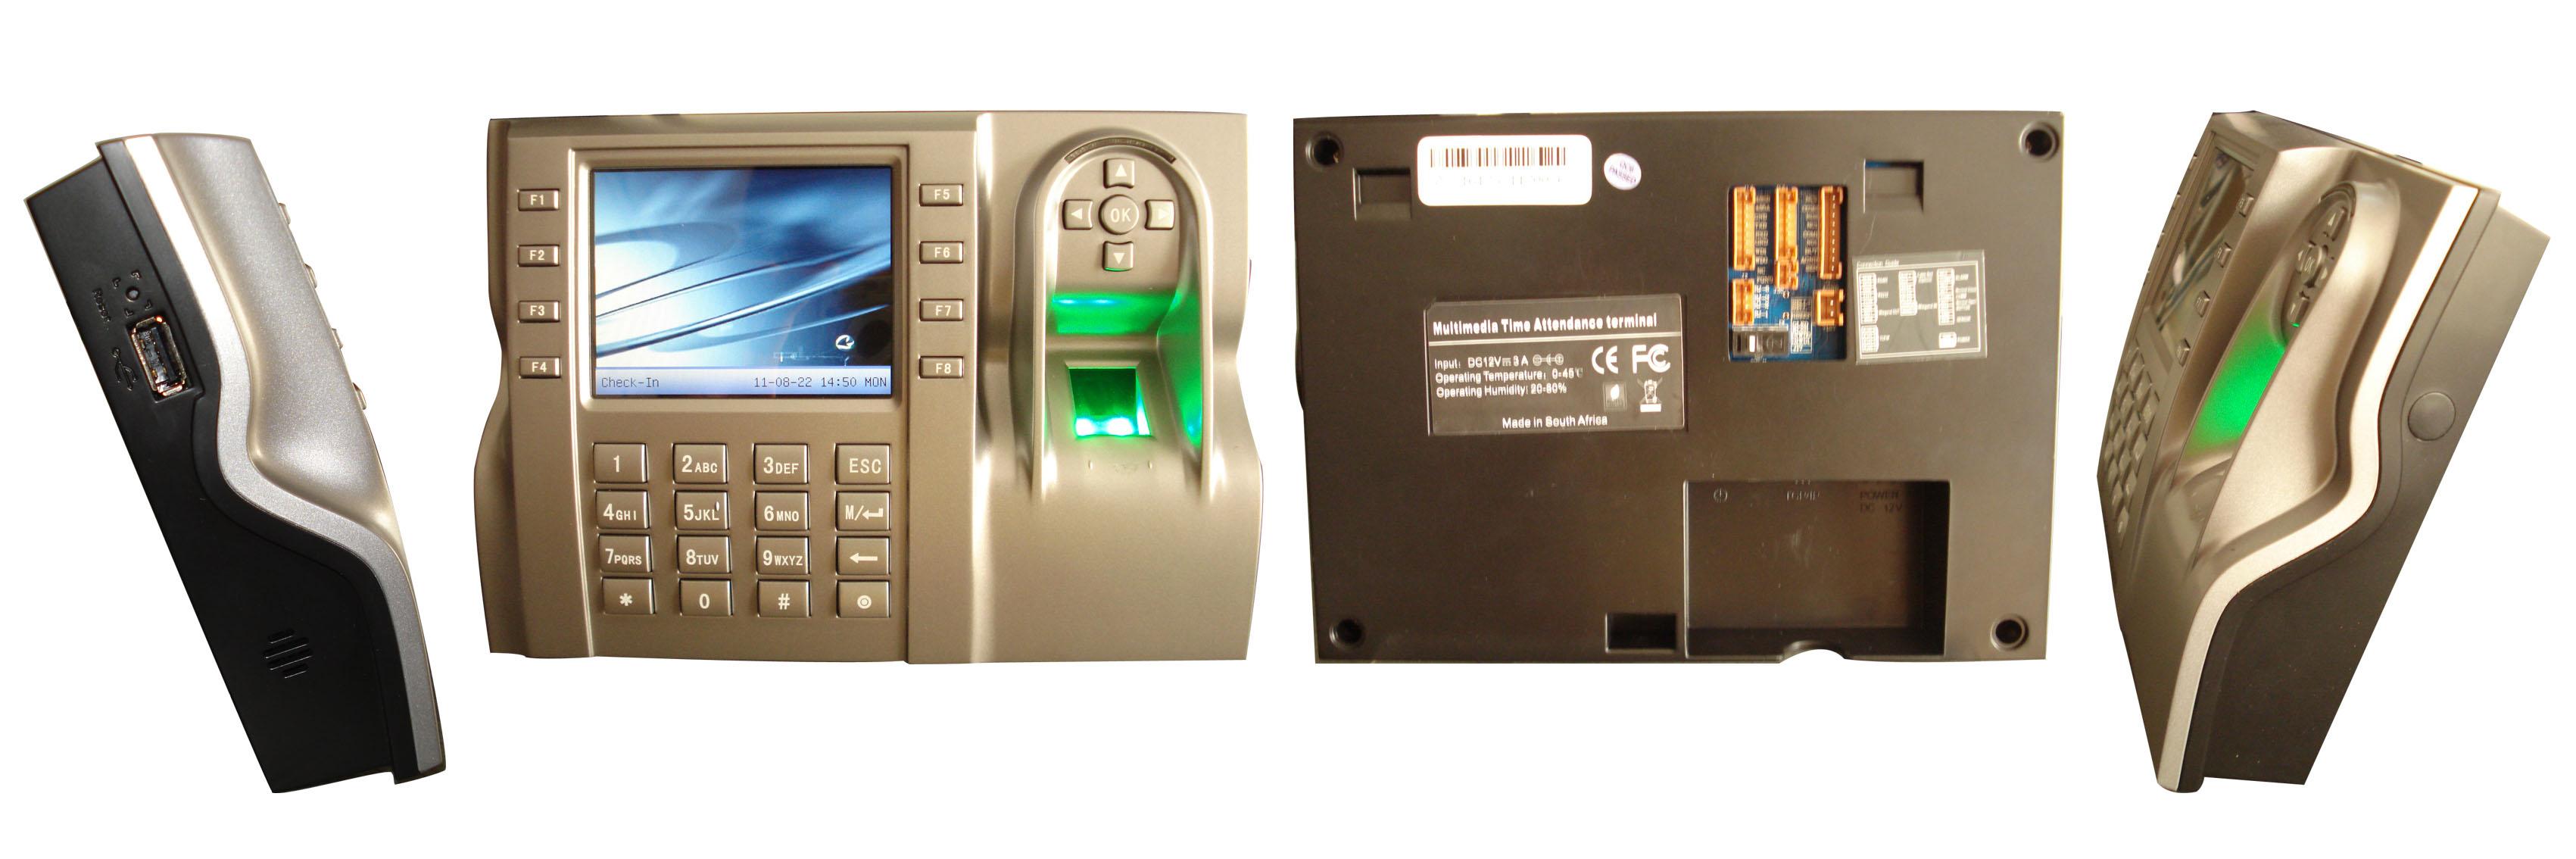 обзор биометрической системы iclock580